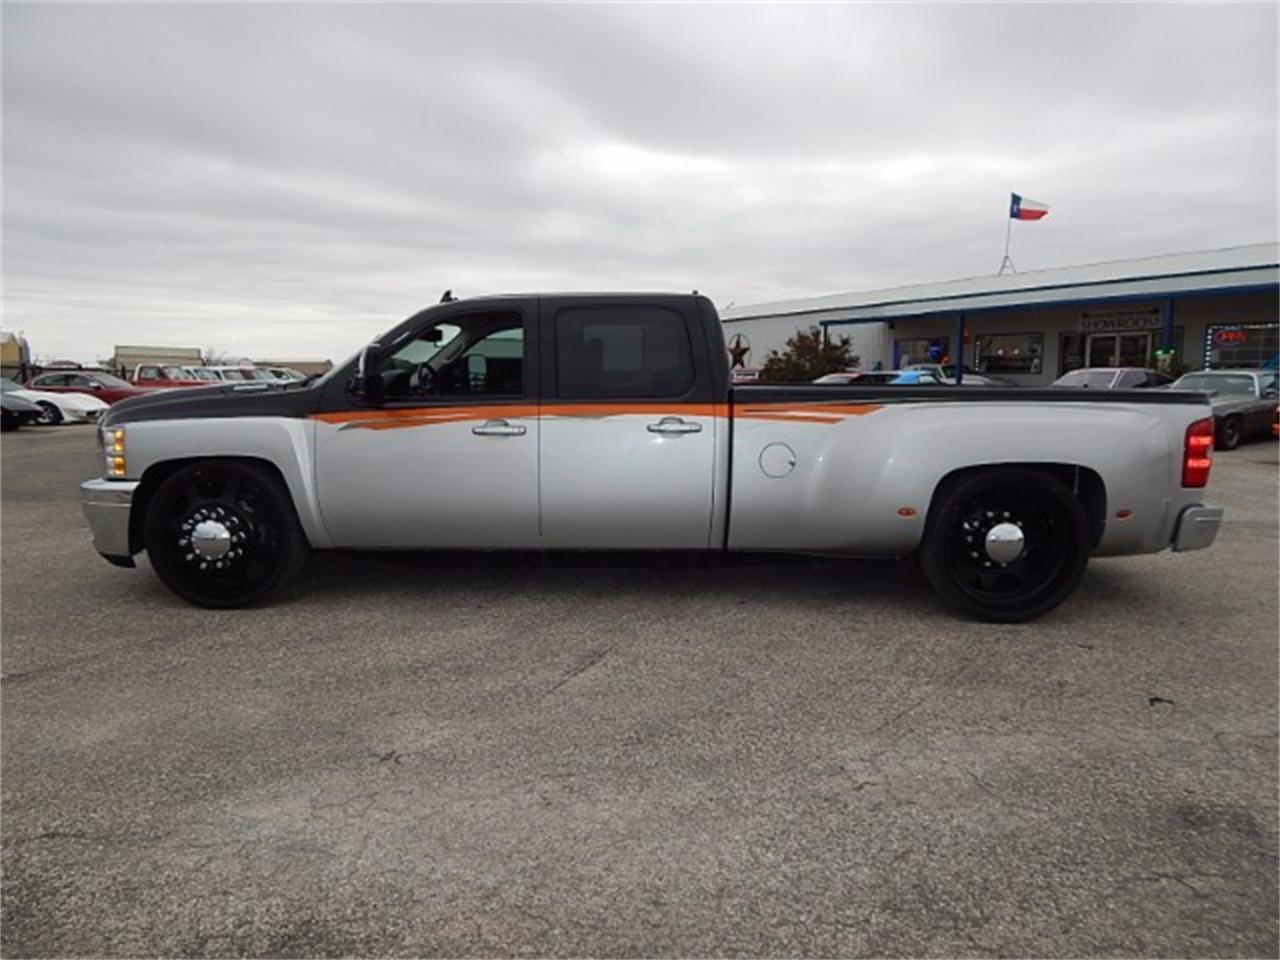 Large Picture of 2011 Silverado located in Wichita Falls Texas - $55,000.00 - L8L9